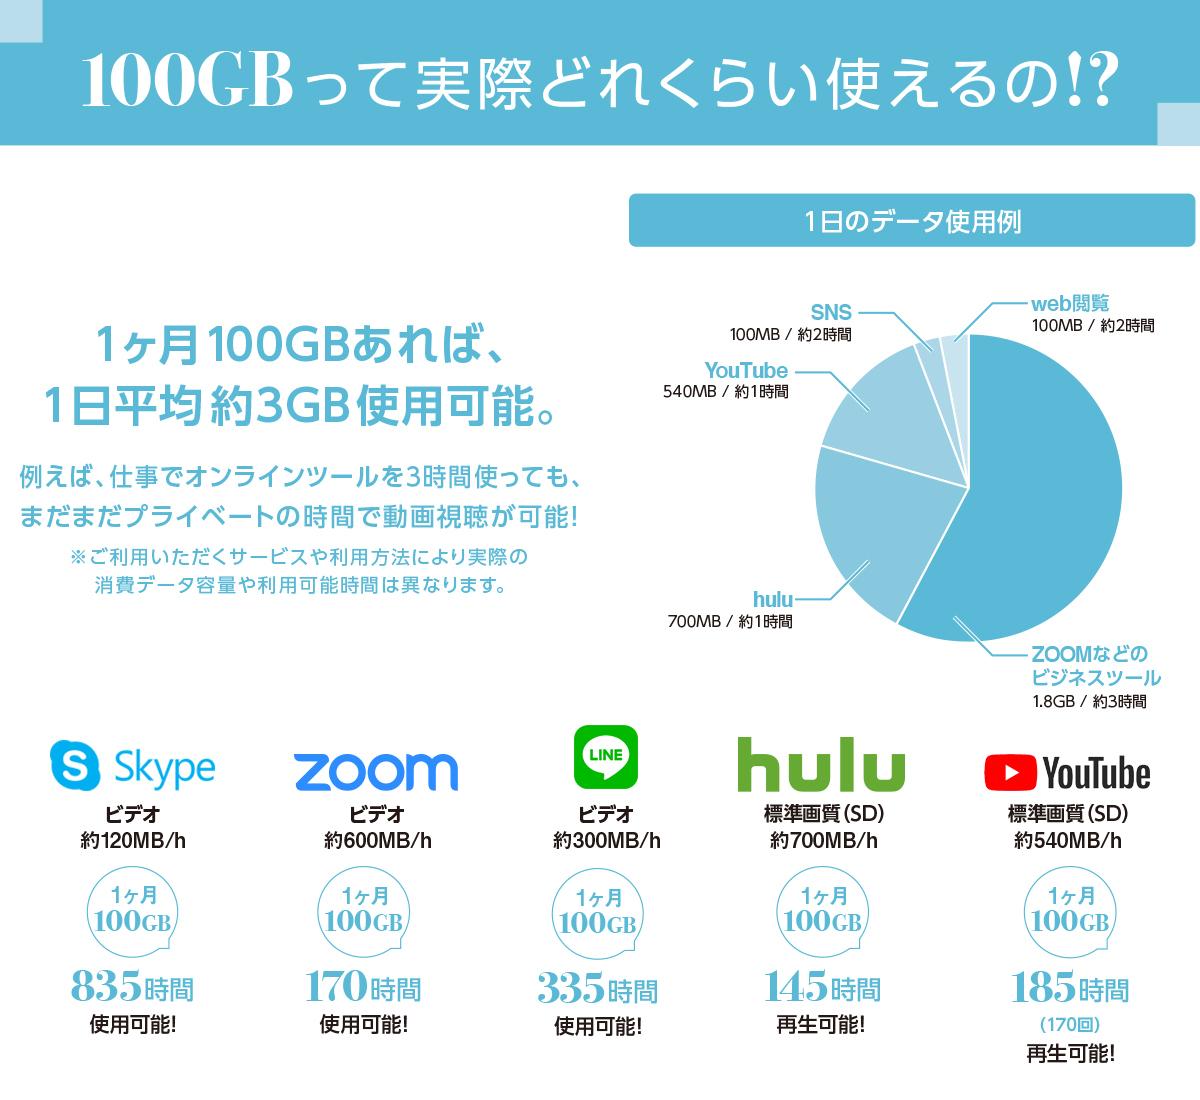 100GBってどれぐらい使えるの?